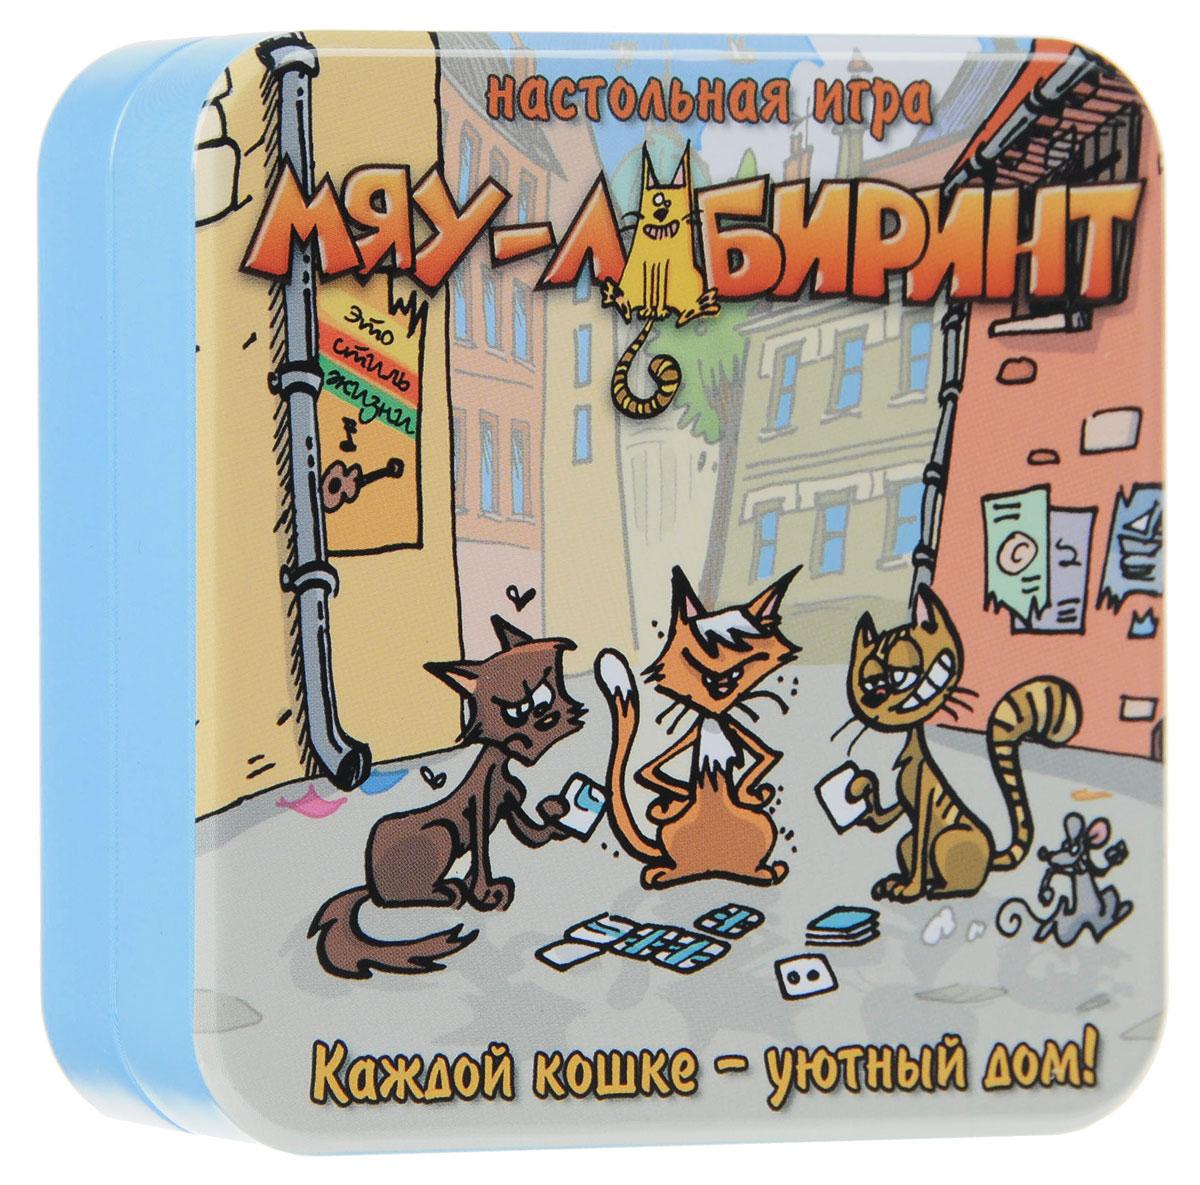 Cocktail Games Настольная игра Мяу-лабиринт3760052141096Каждая кошка мечтает найти себе гостеприимный дом, но некоторые из них пока живут на улице... А где-то на другом конце извилистого лабиринта уличных труб их может ждать тепло и уют! Меняйте лабиринт, переворачивайте и перемещайте карточки, чтобы проложить для бездомных кошек путь к дому их мечты! Помогите кошке попасть в уютный дом, пробравшись через Мяу-лабиринт. За ход игрок может повернуть одну деталь Мяу-лабиринта, взять карту и подвинуть дорожку. Побеждает тот, кто проведет домой больше кошек. В игре могут принимать участие от 2 до 4 игроков в возрасте от трех лет.